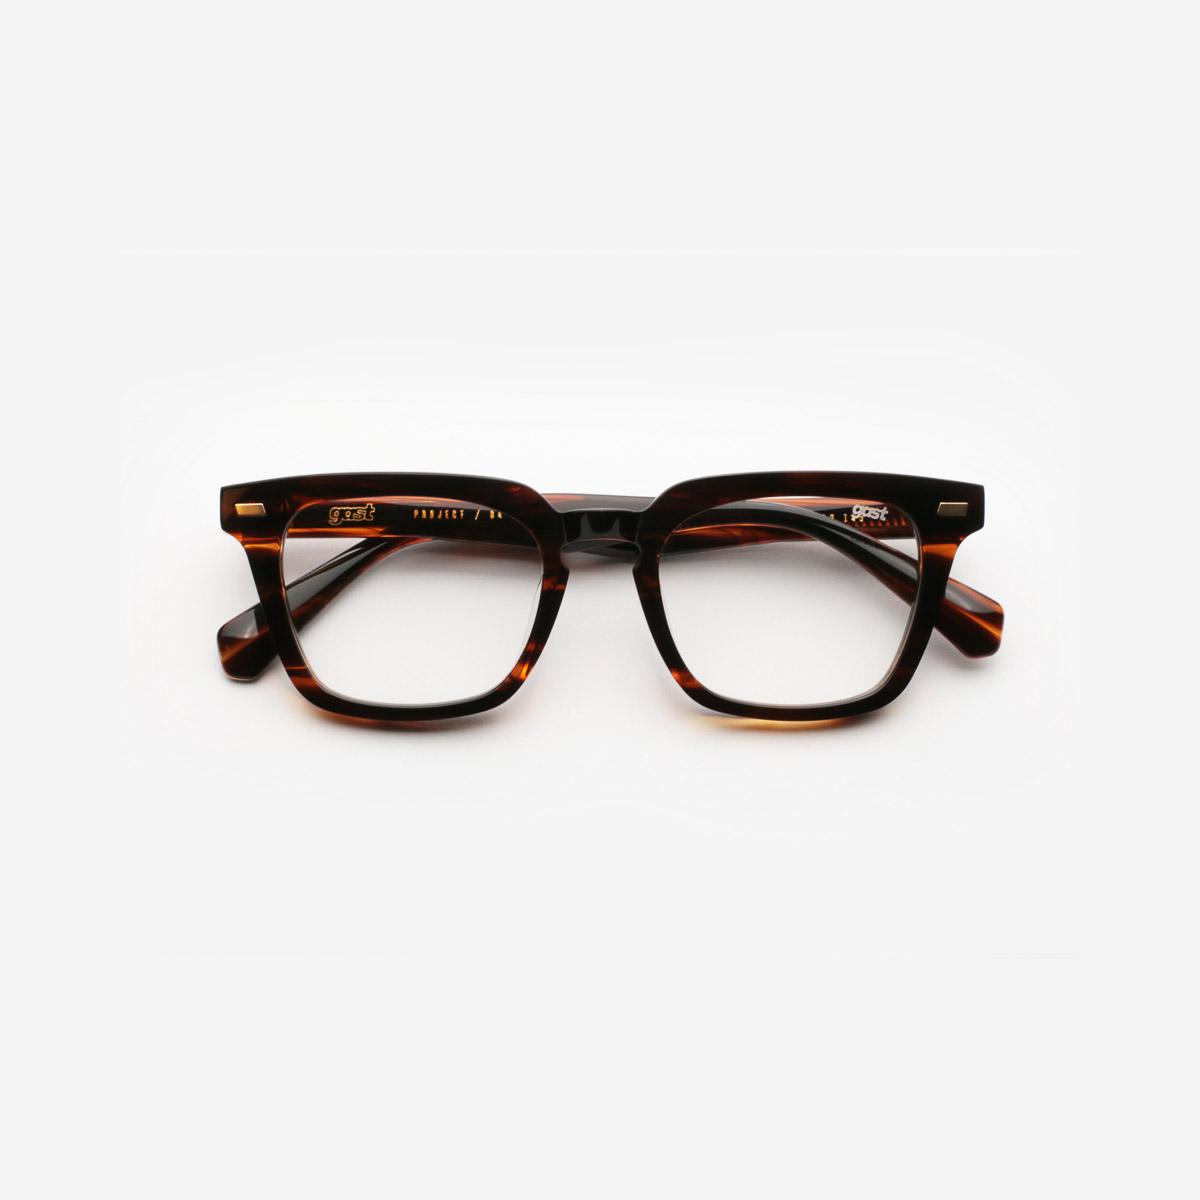 Gast occhiali ciacer